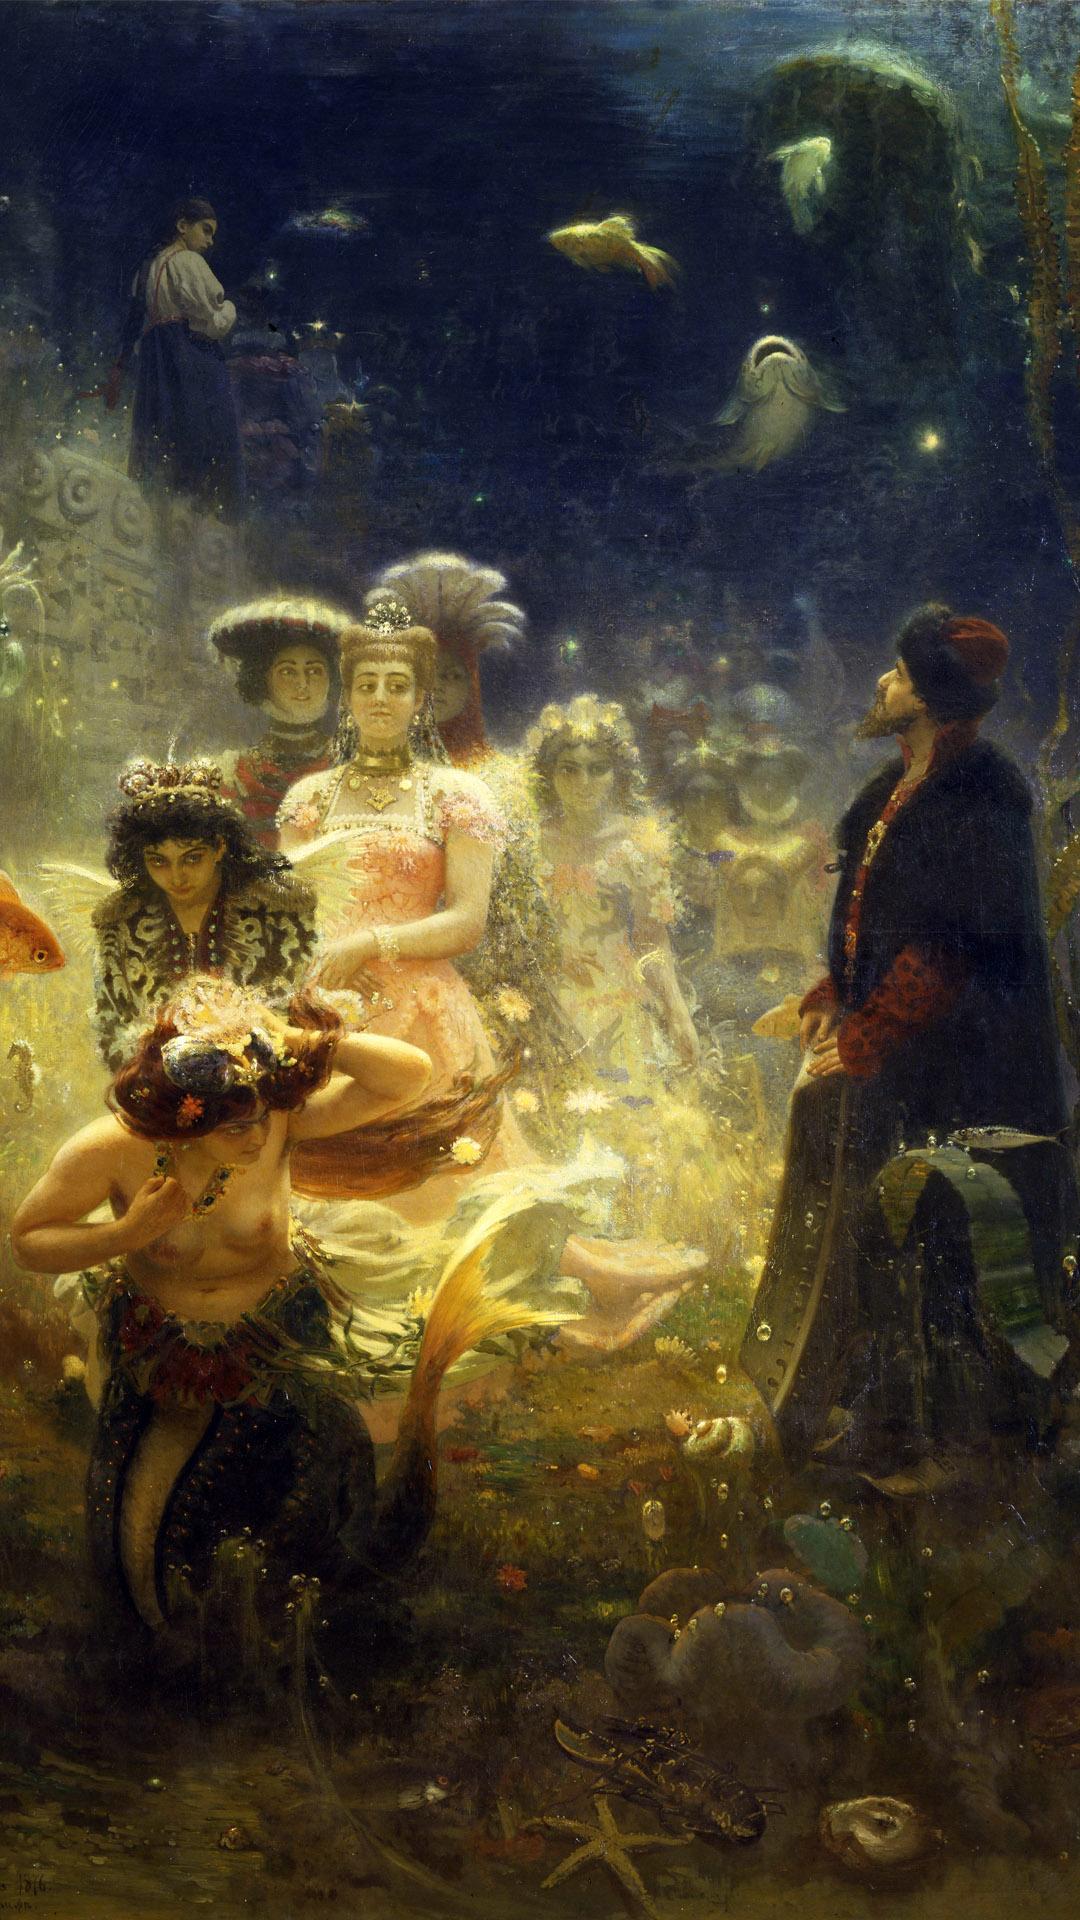 イリヤ・レーピン サドコ Ilya Repin - Sadko 1080x1920